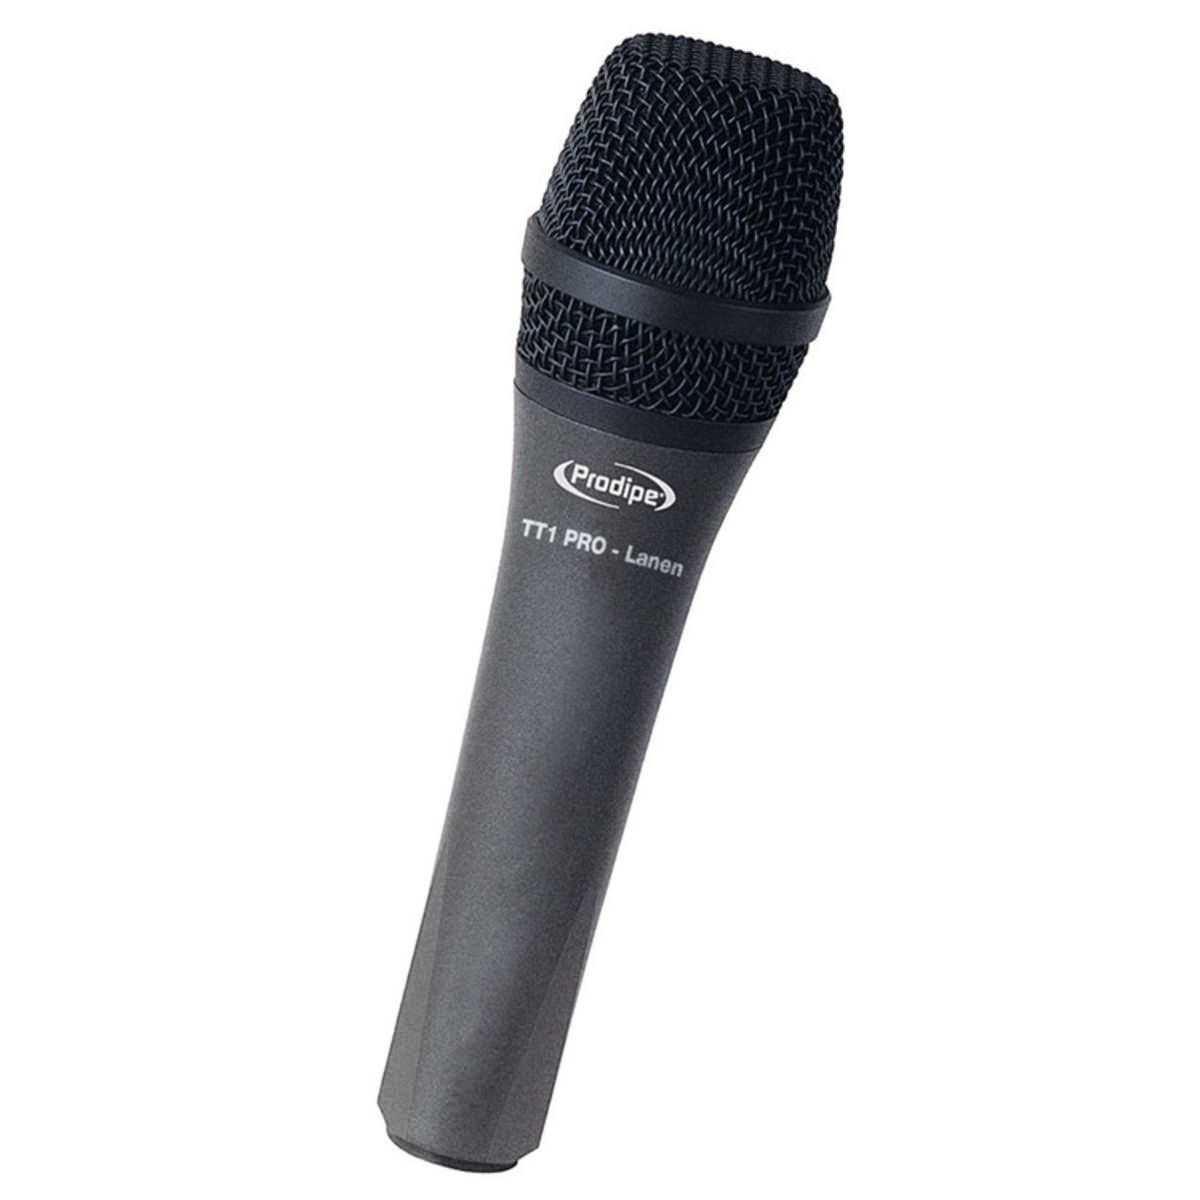 Как зарядить караоке микрофон: устройство и принцип работы караоке-микрофона.